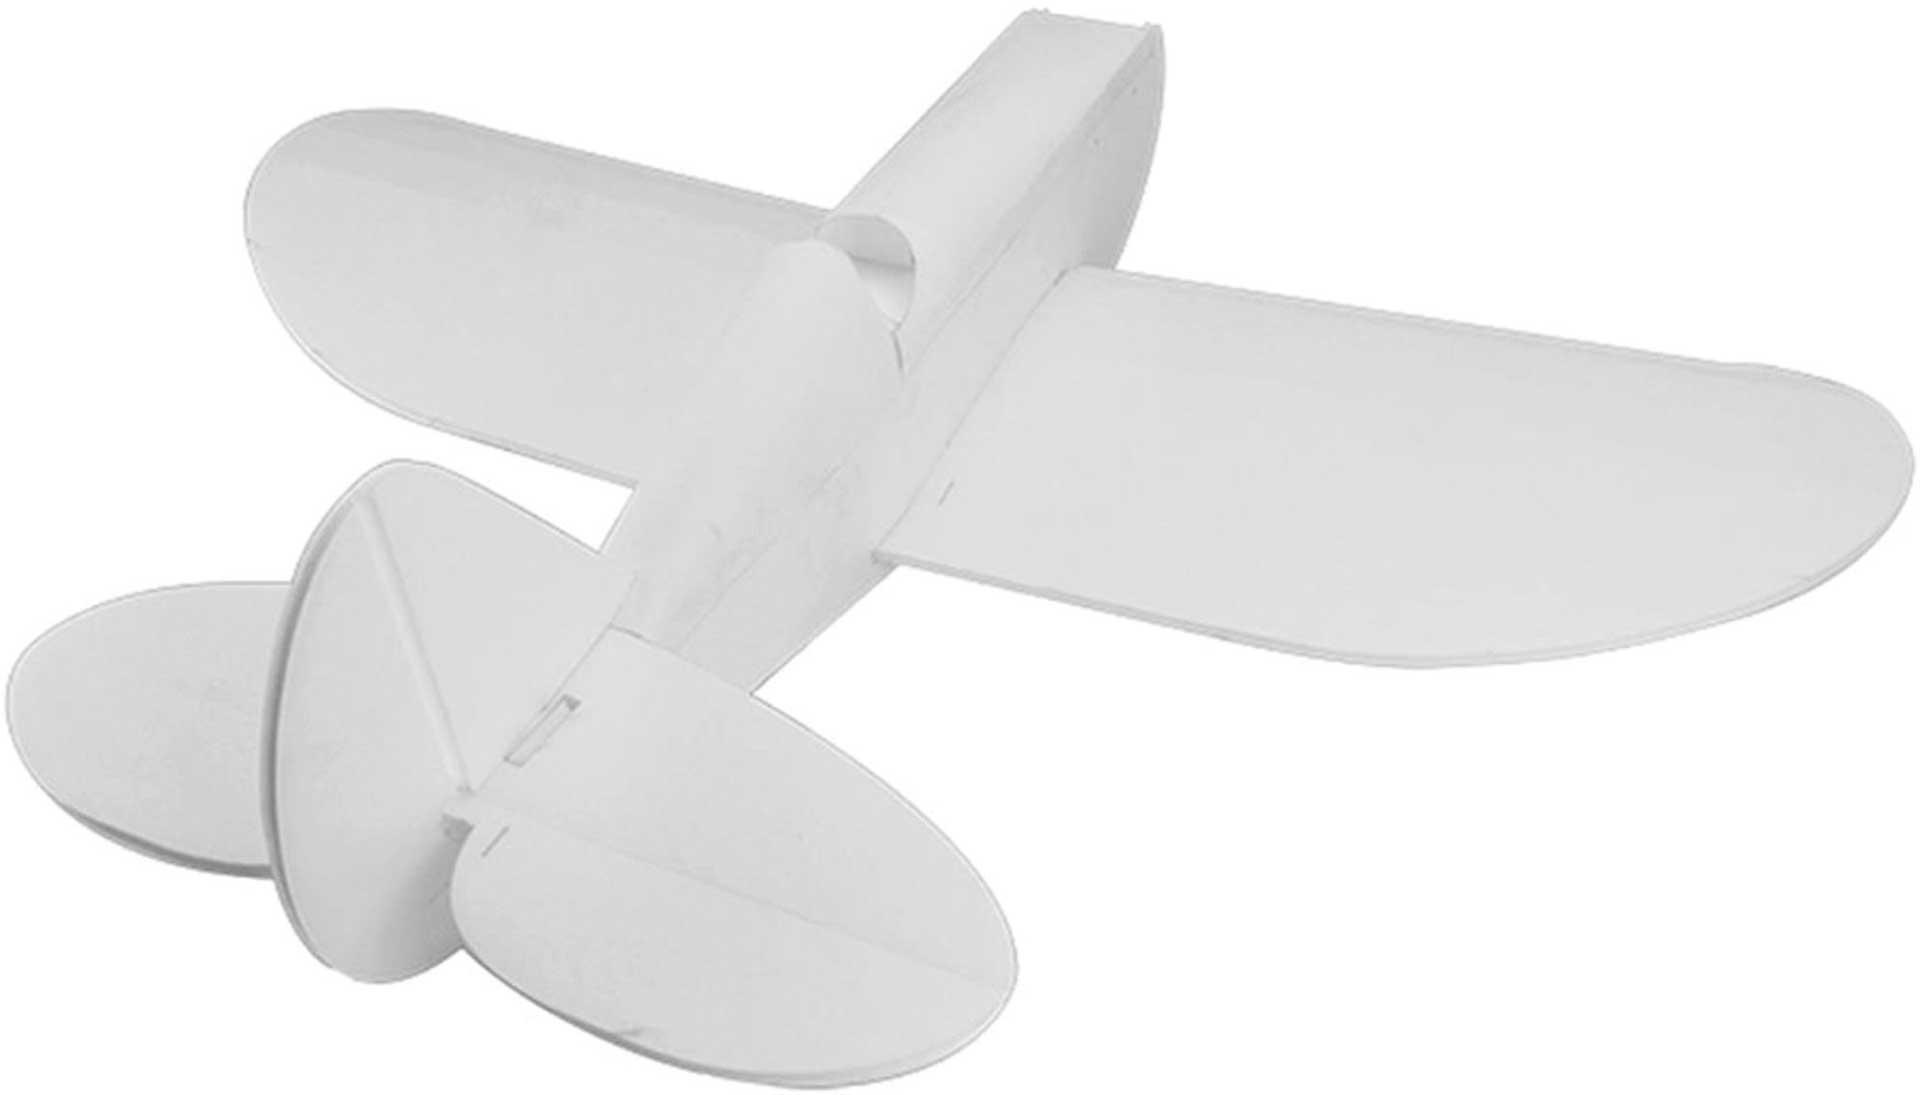 FLITE TEST Mini Sportster Kit Maker Foam